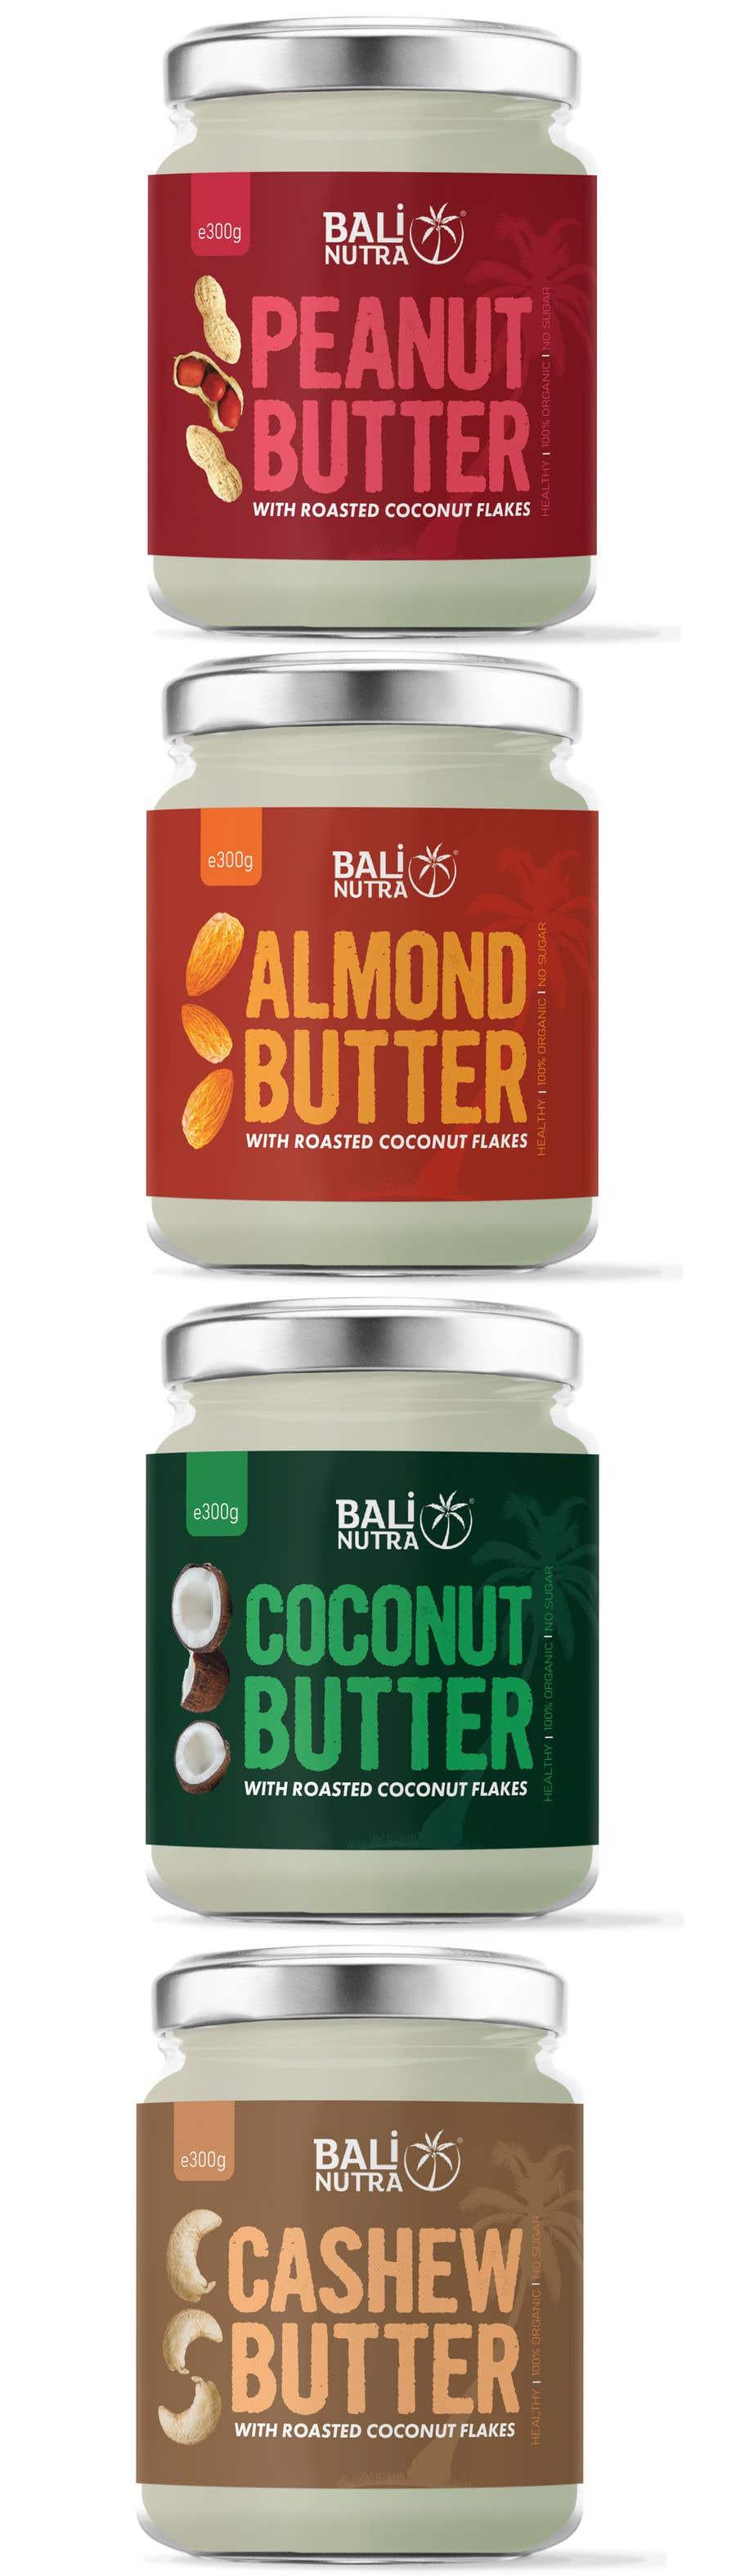 Konkurrenceindlæg #                                        50                                      for                                         Food Label design (4 x flavors of Butter, Almond, Peanut, Cashew, Original)